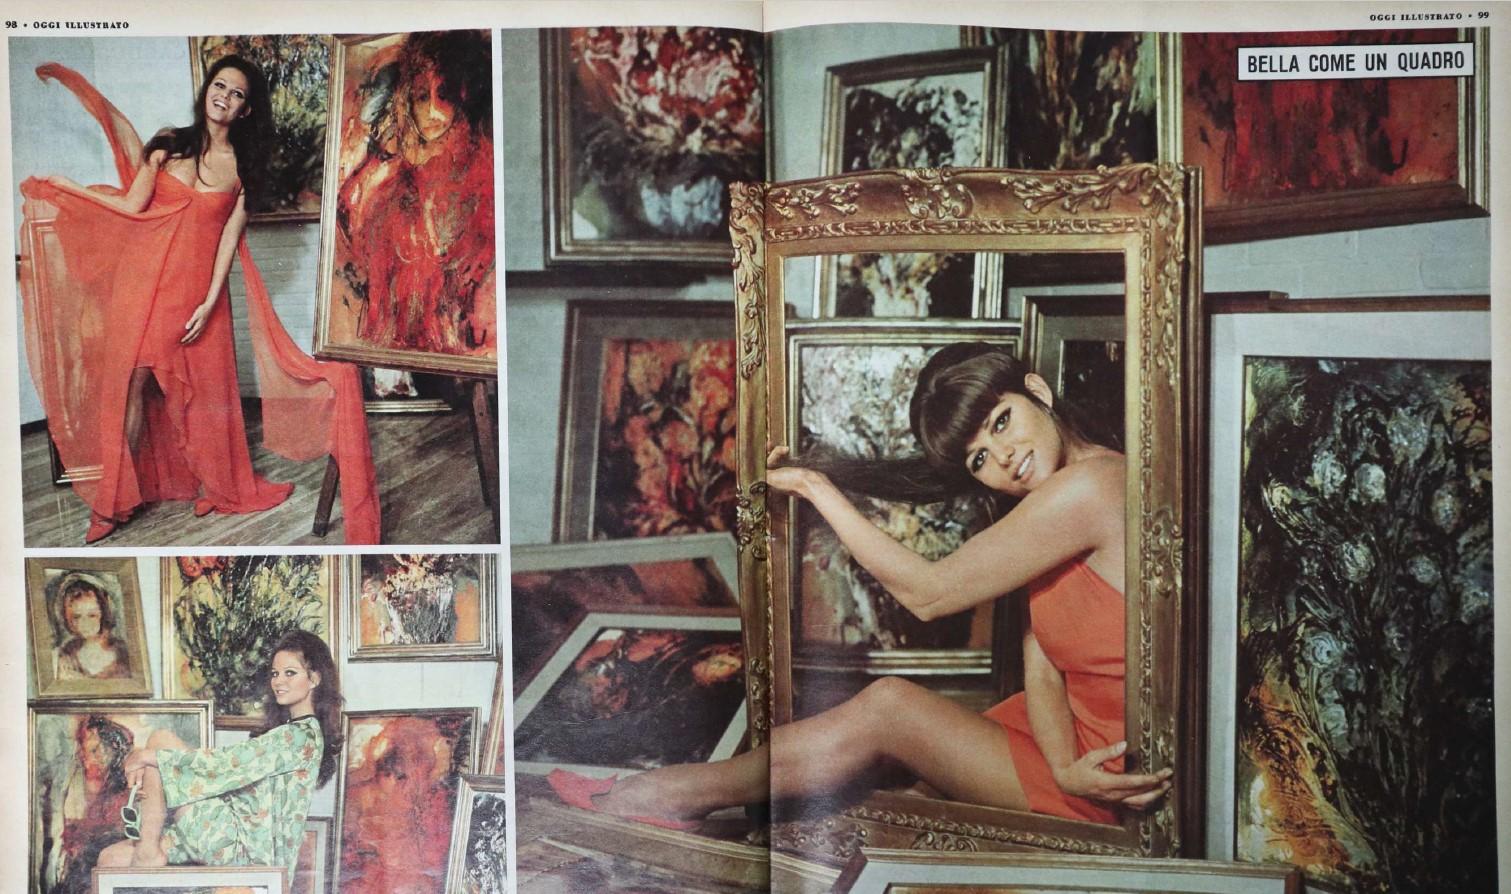 Fig. 8 Claudia Cardinale in un servizio fotografico su Oggi